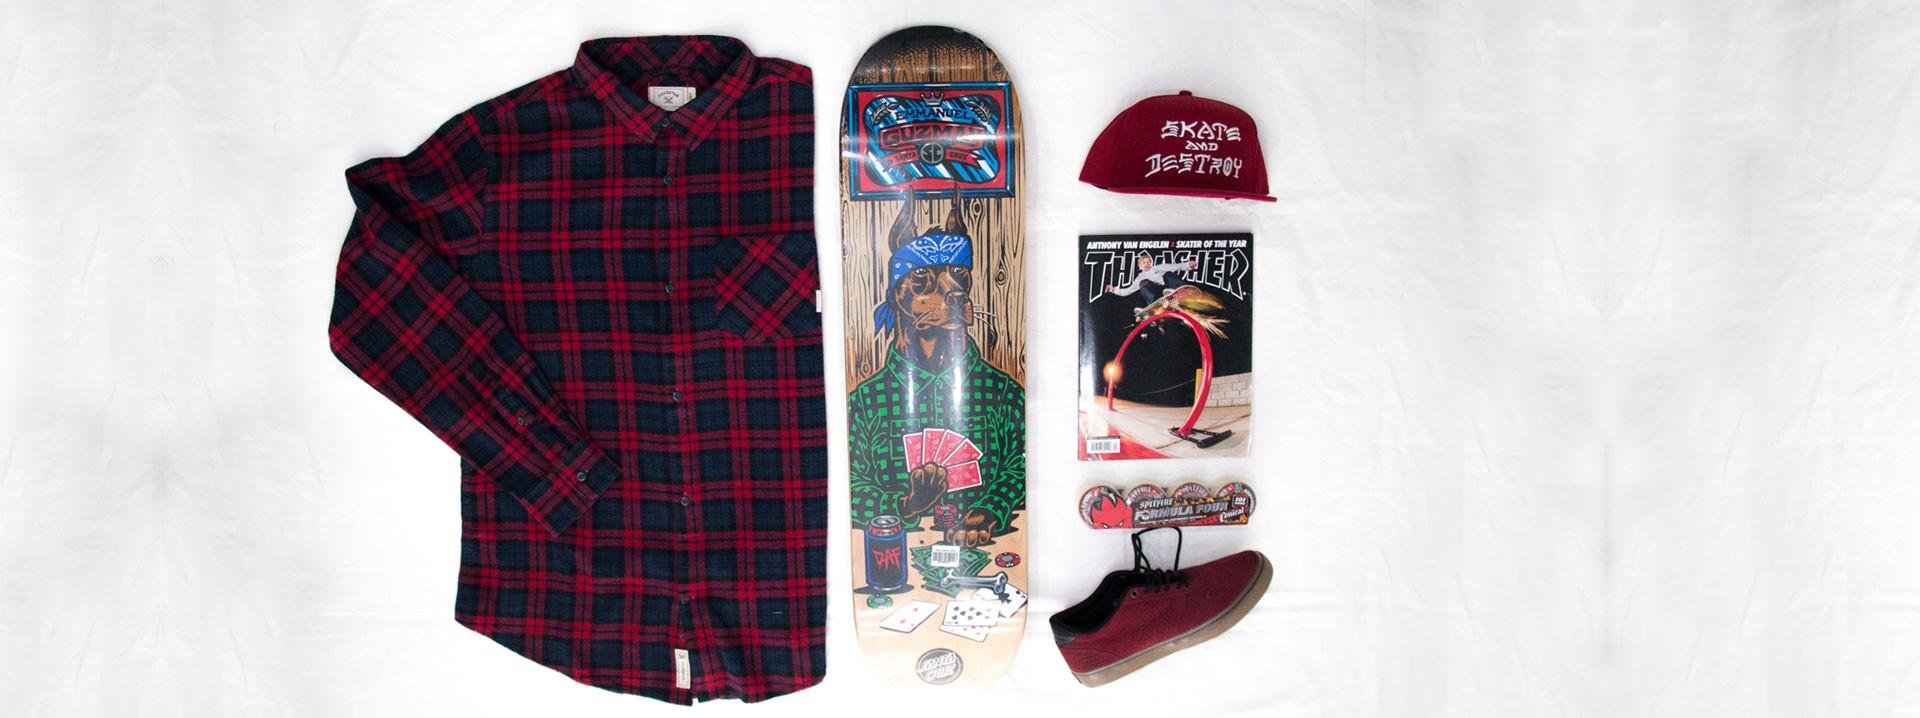 Los mejores productos en Frontside Skate Shop